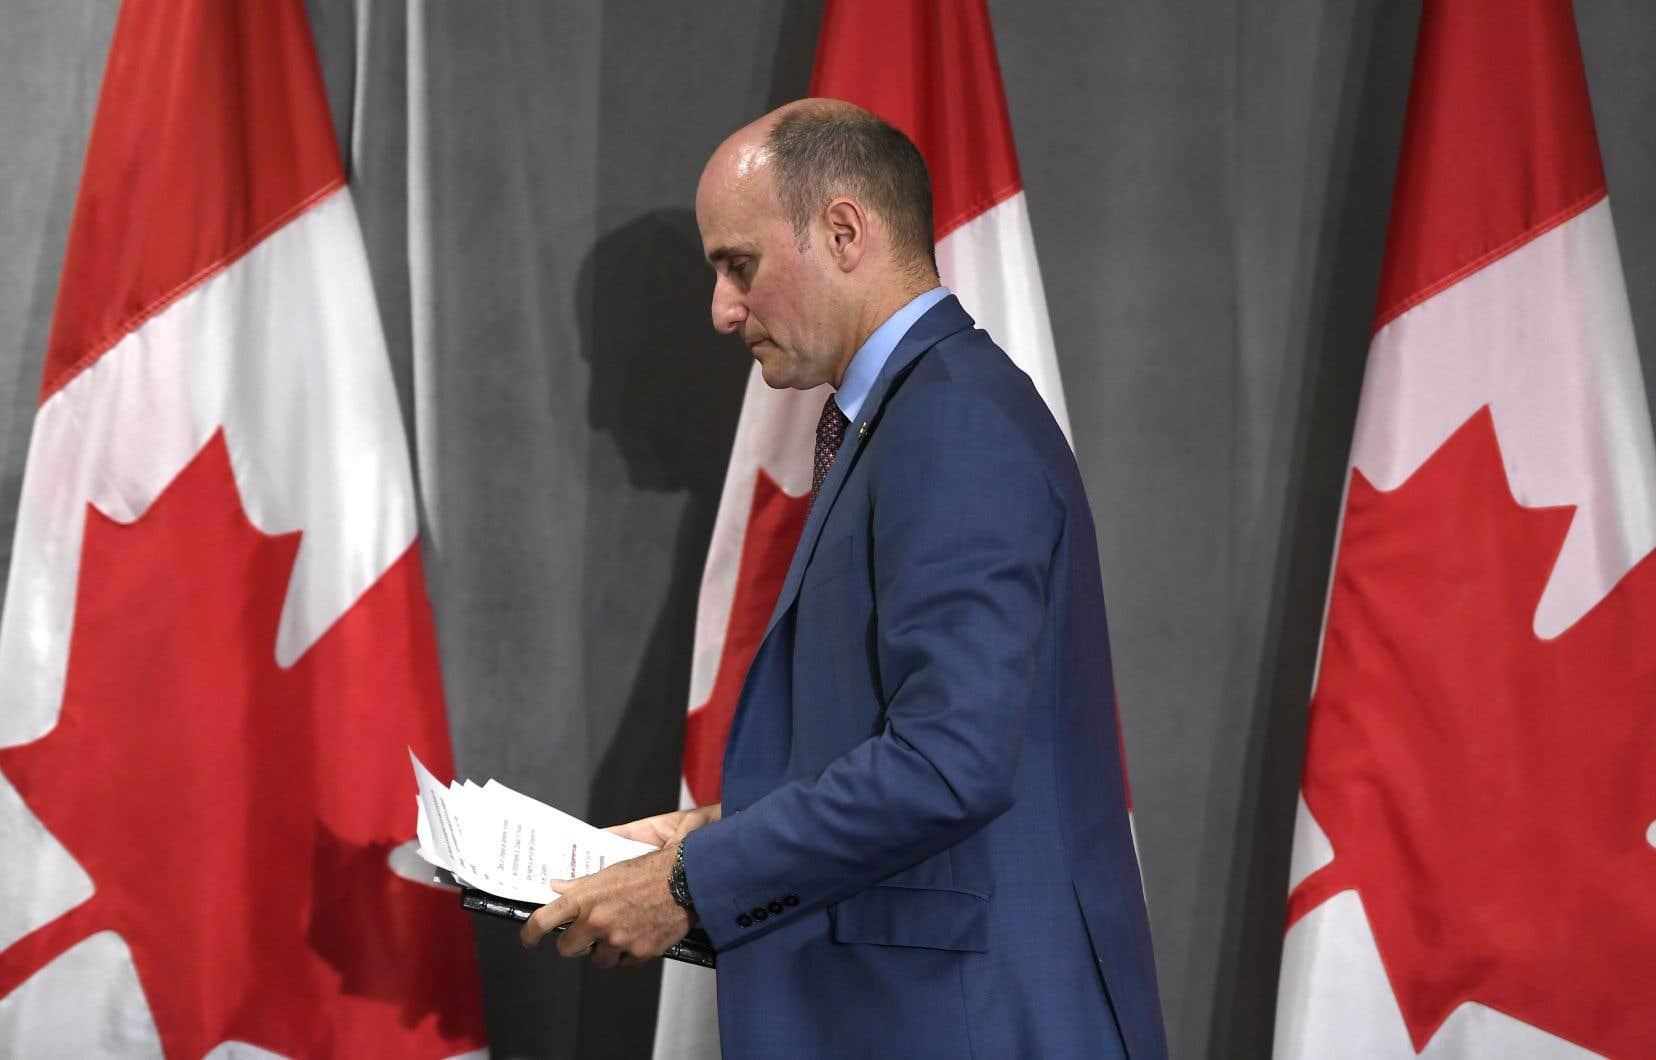 Le président du Conseil du trésor et député de Québec, Jean-Yves Duclos, a jugé sous-optimale pour le Québec une collaboration avec l'organisme UNIS.